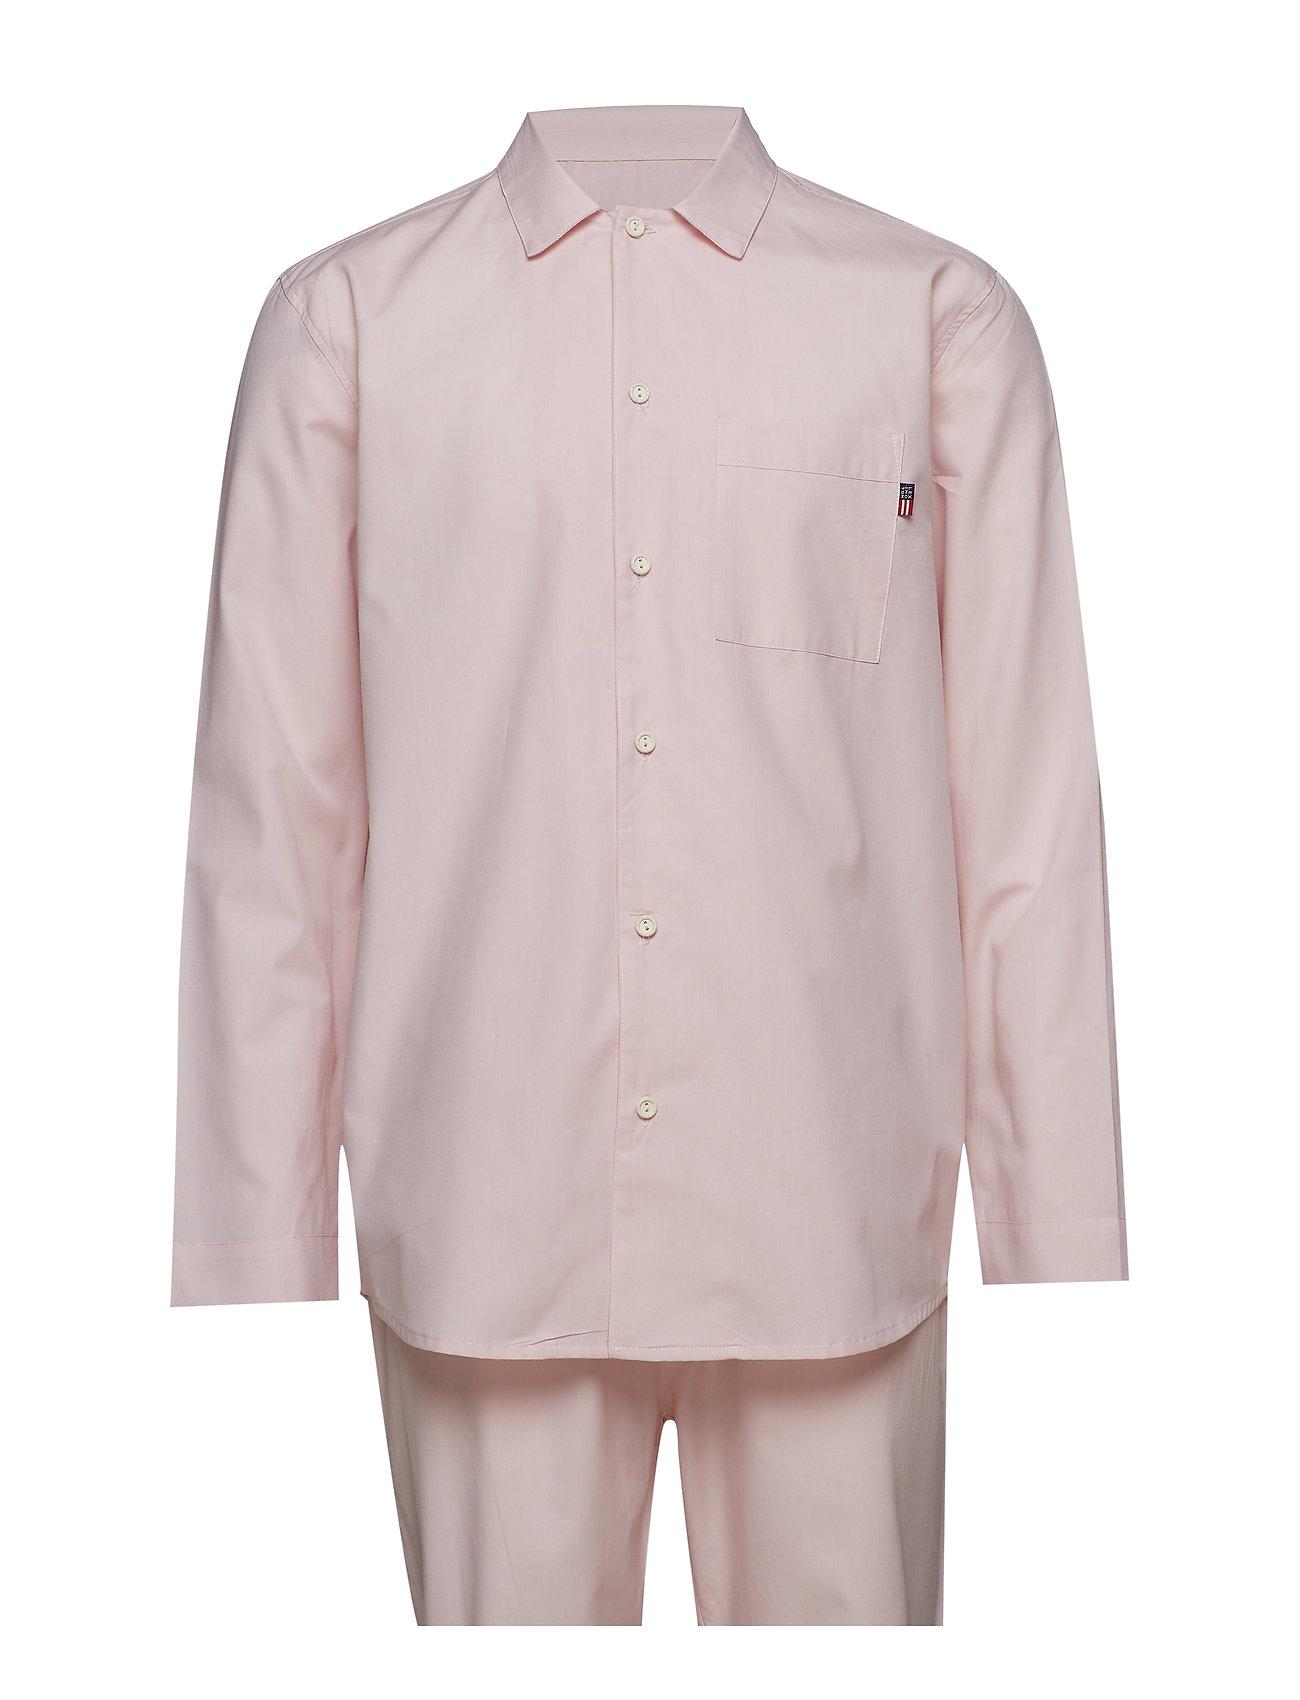 Unisex Home PajamapinkLexington Home Unisex Alexis PajamapinkLexington Alexis Alexis 4Lj5q3RA